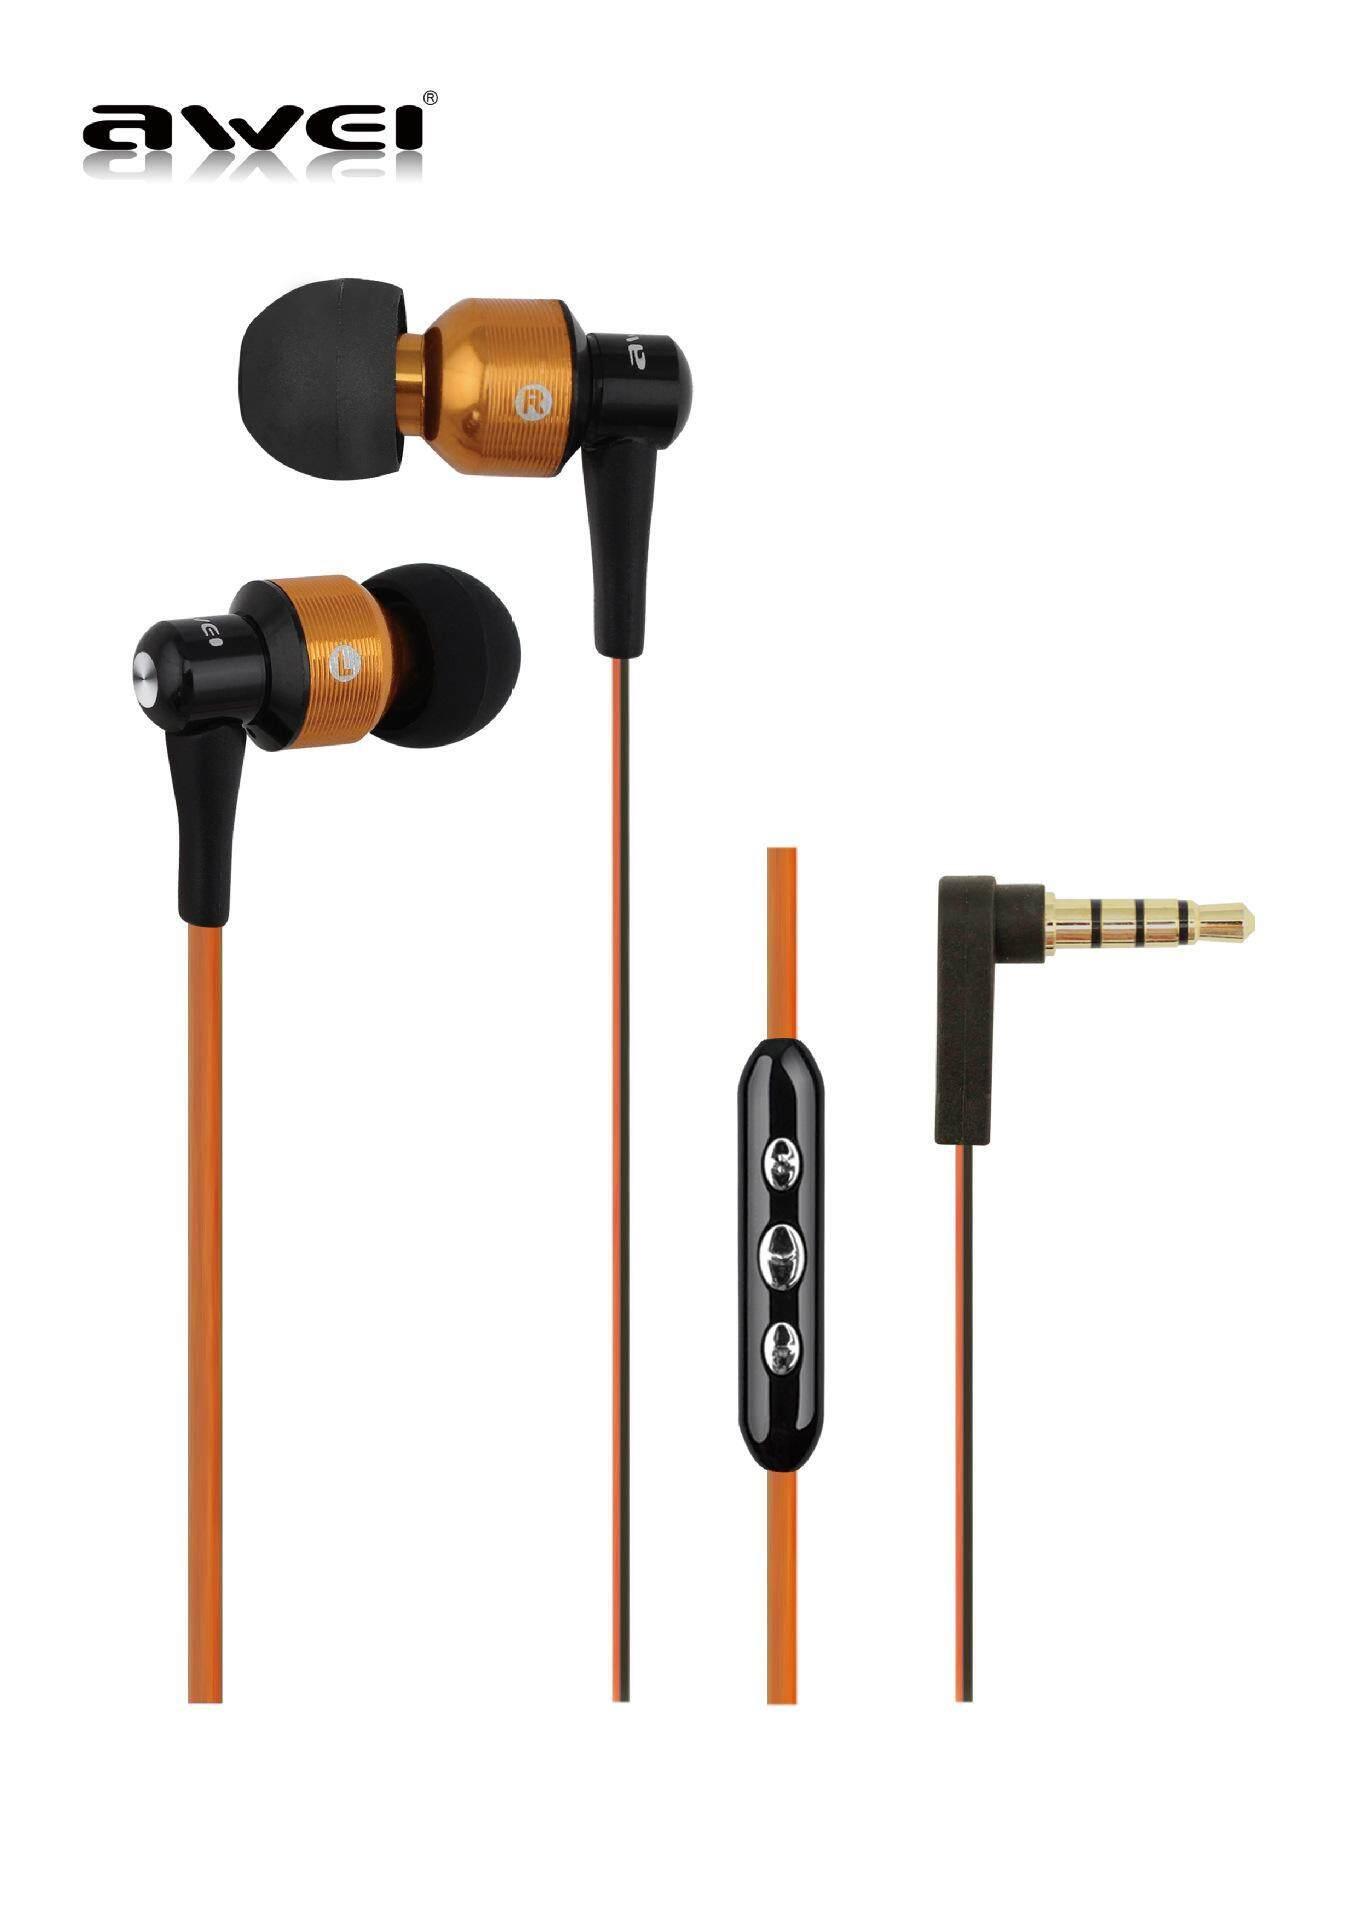 LD Pro Es Awei 55Vi Mode Terkini Putih Merah Muda Ungu Hijau Biru dan Oranye Super Bass Bergaya Suara Pelantang Telinga untuk Telepon Pintar Earphone dengan Mikrofon-Intl